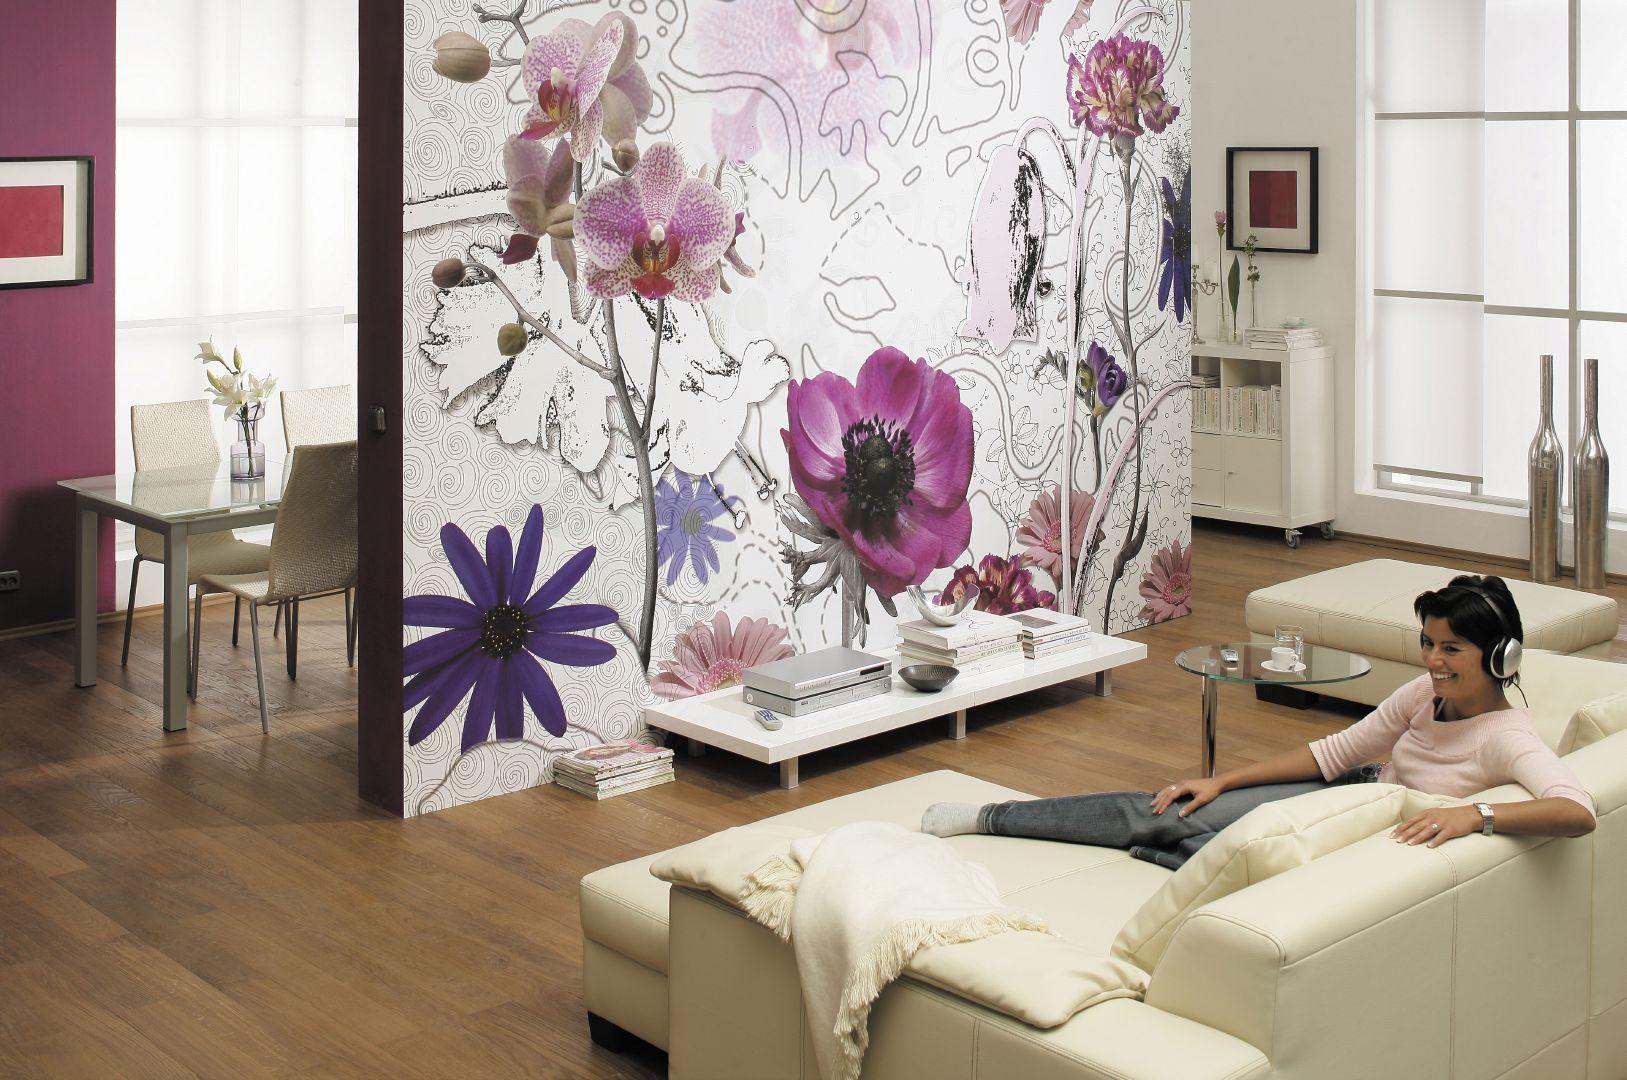 фото обои на стену фото цветы